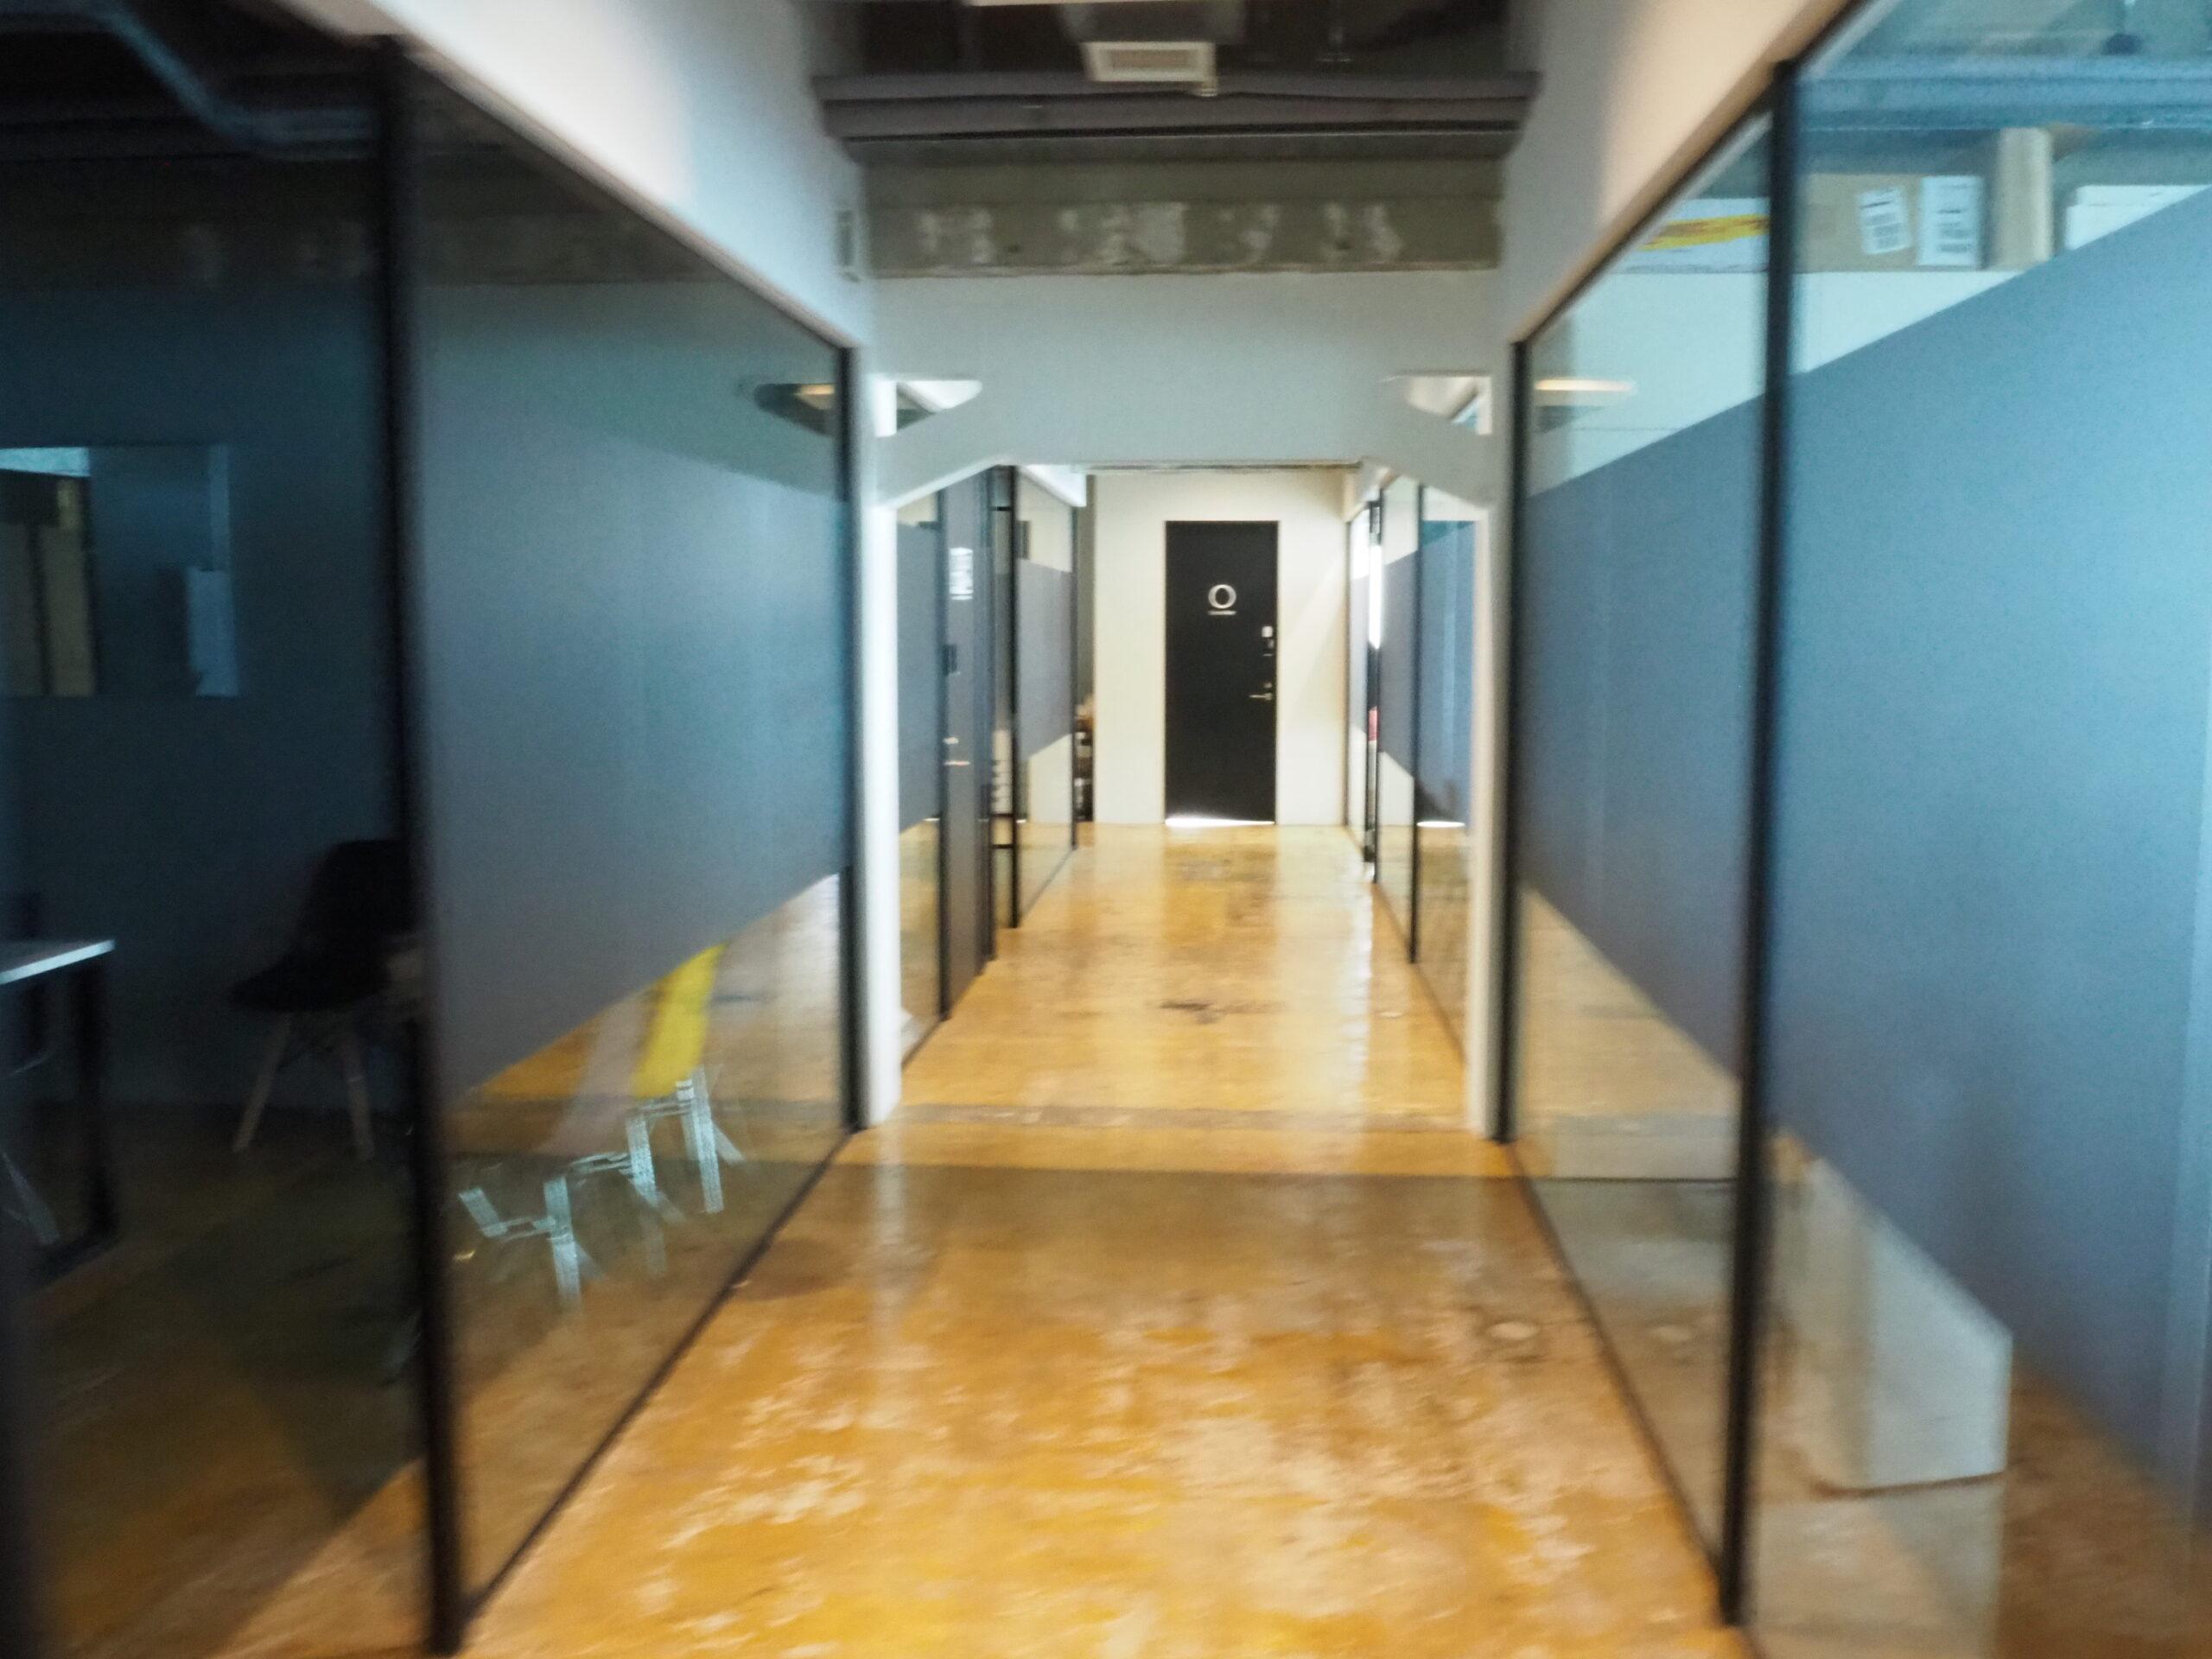 ガイアックス、フルリモート化で永田町のビルを1席6万円のシェアオフィスに